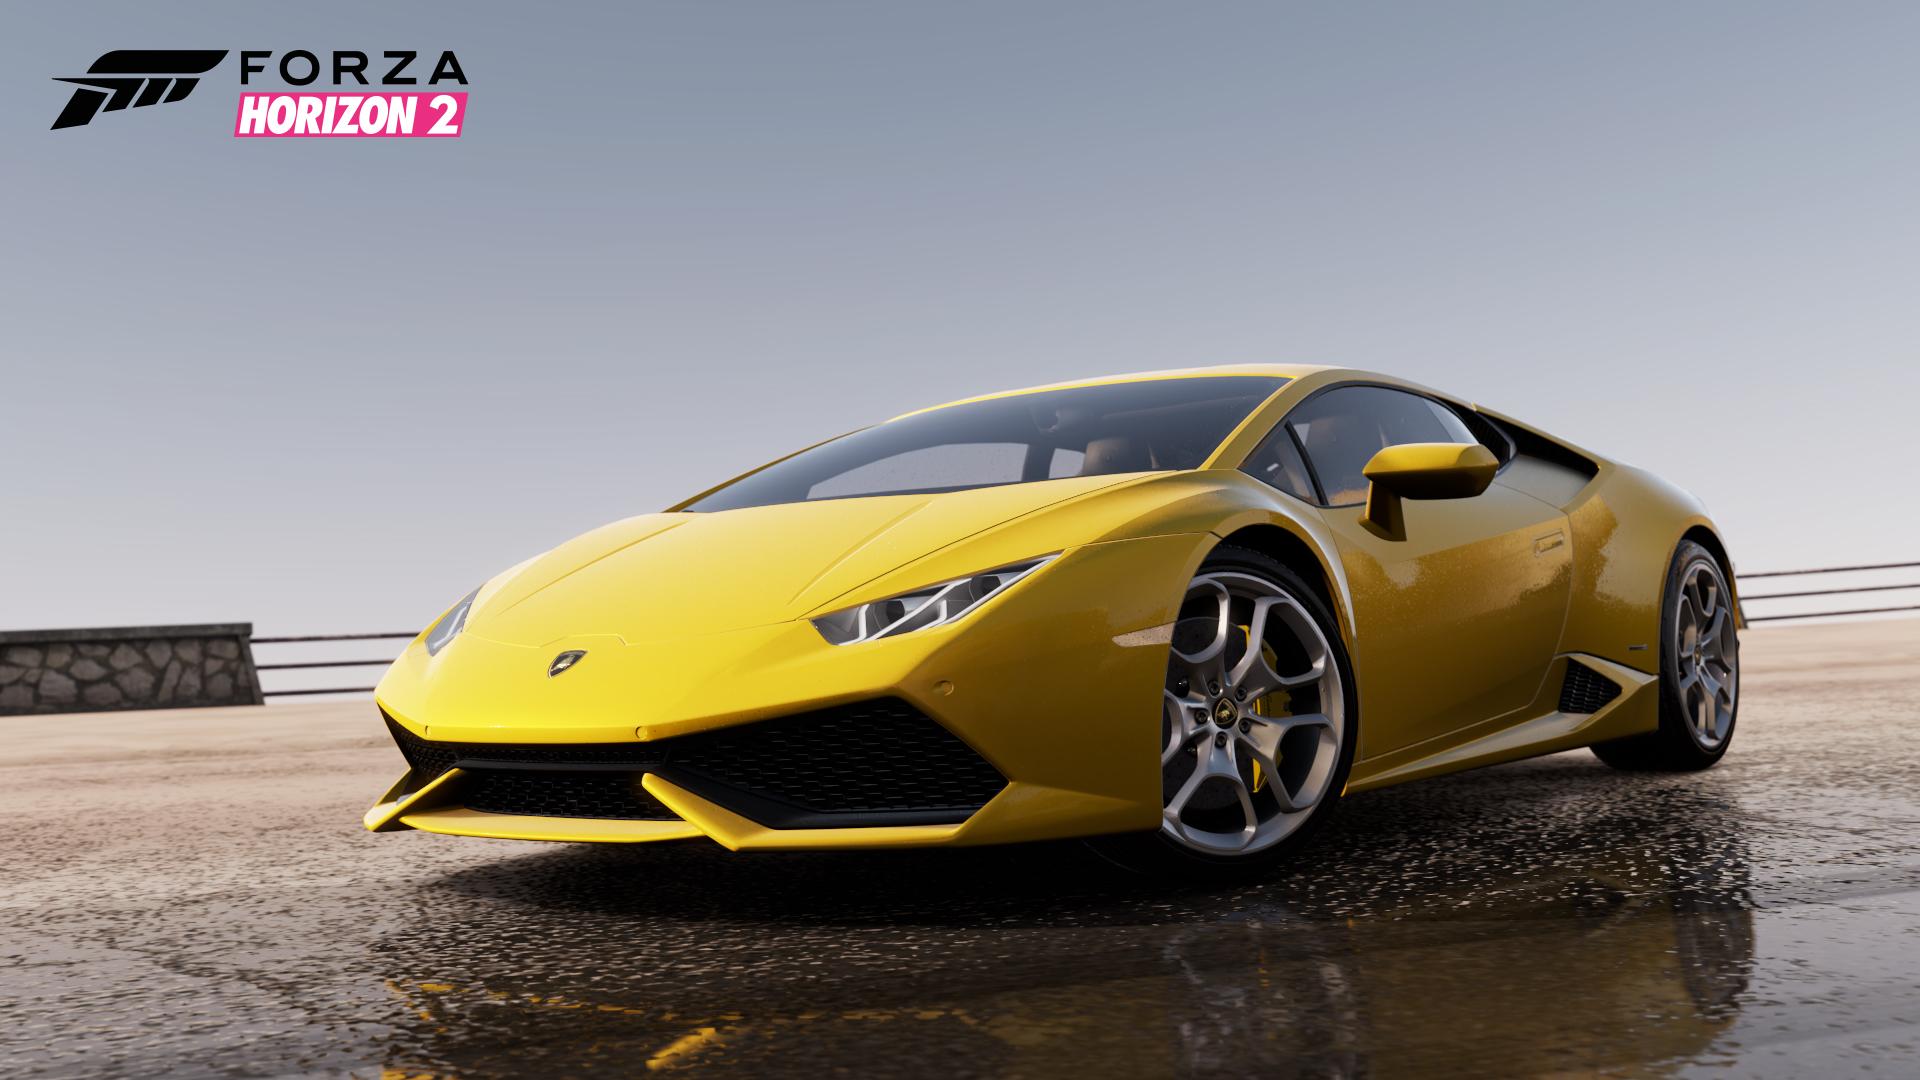 Forza Horizon 2/Cars